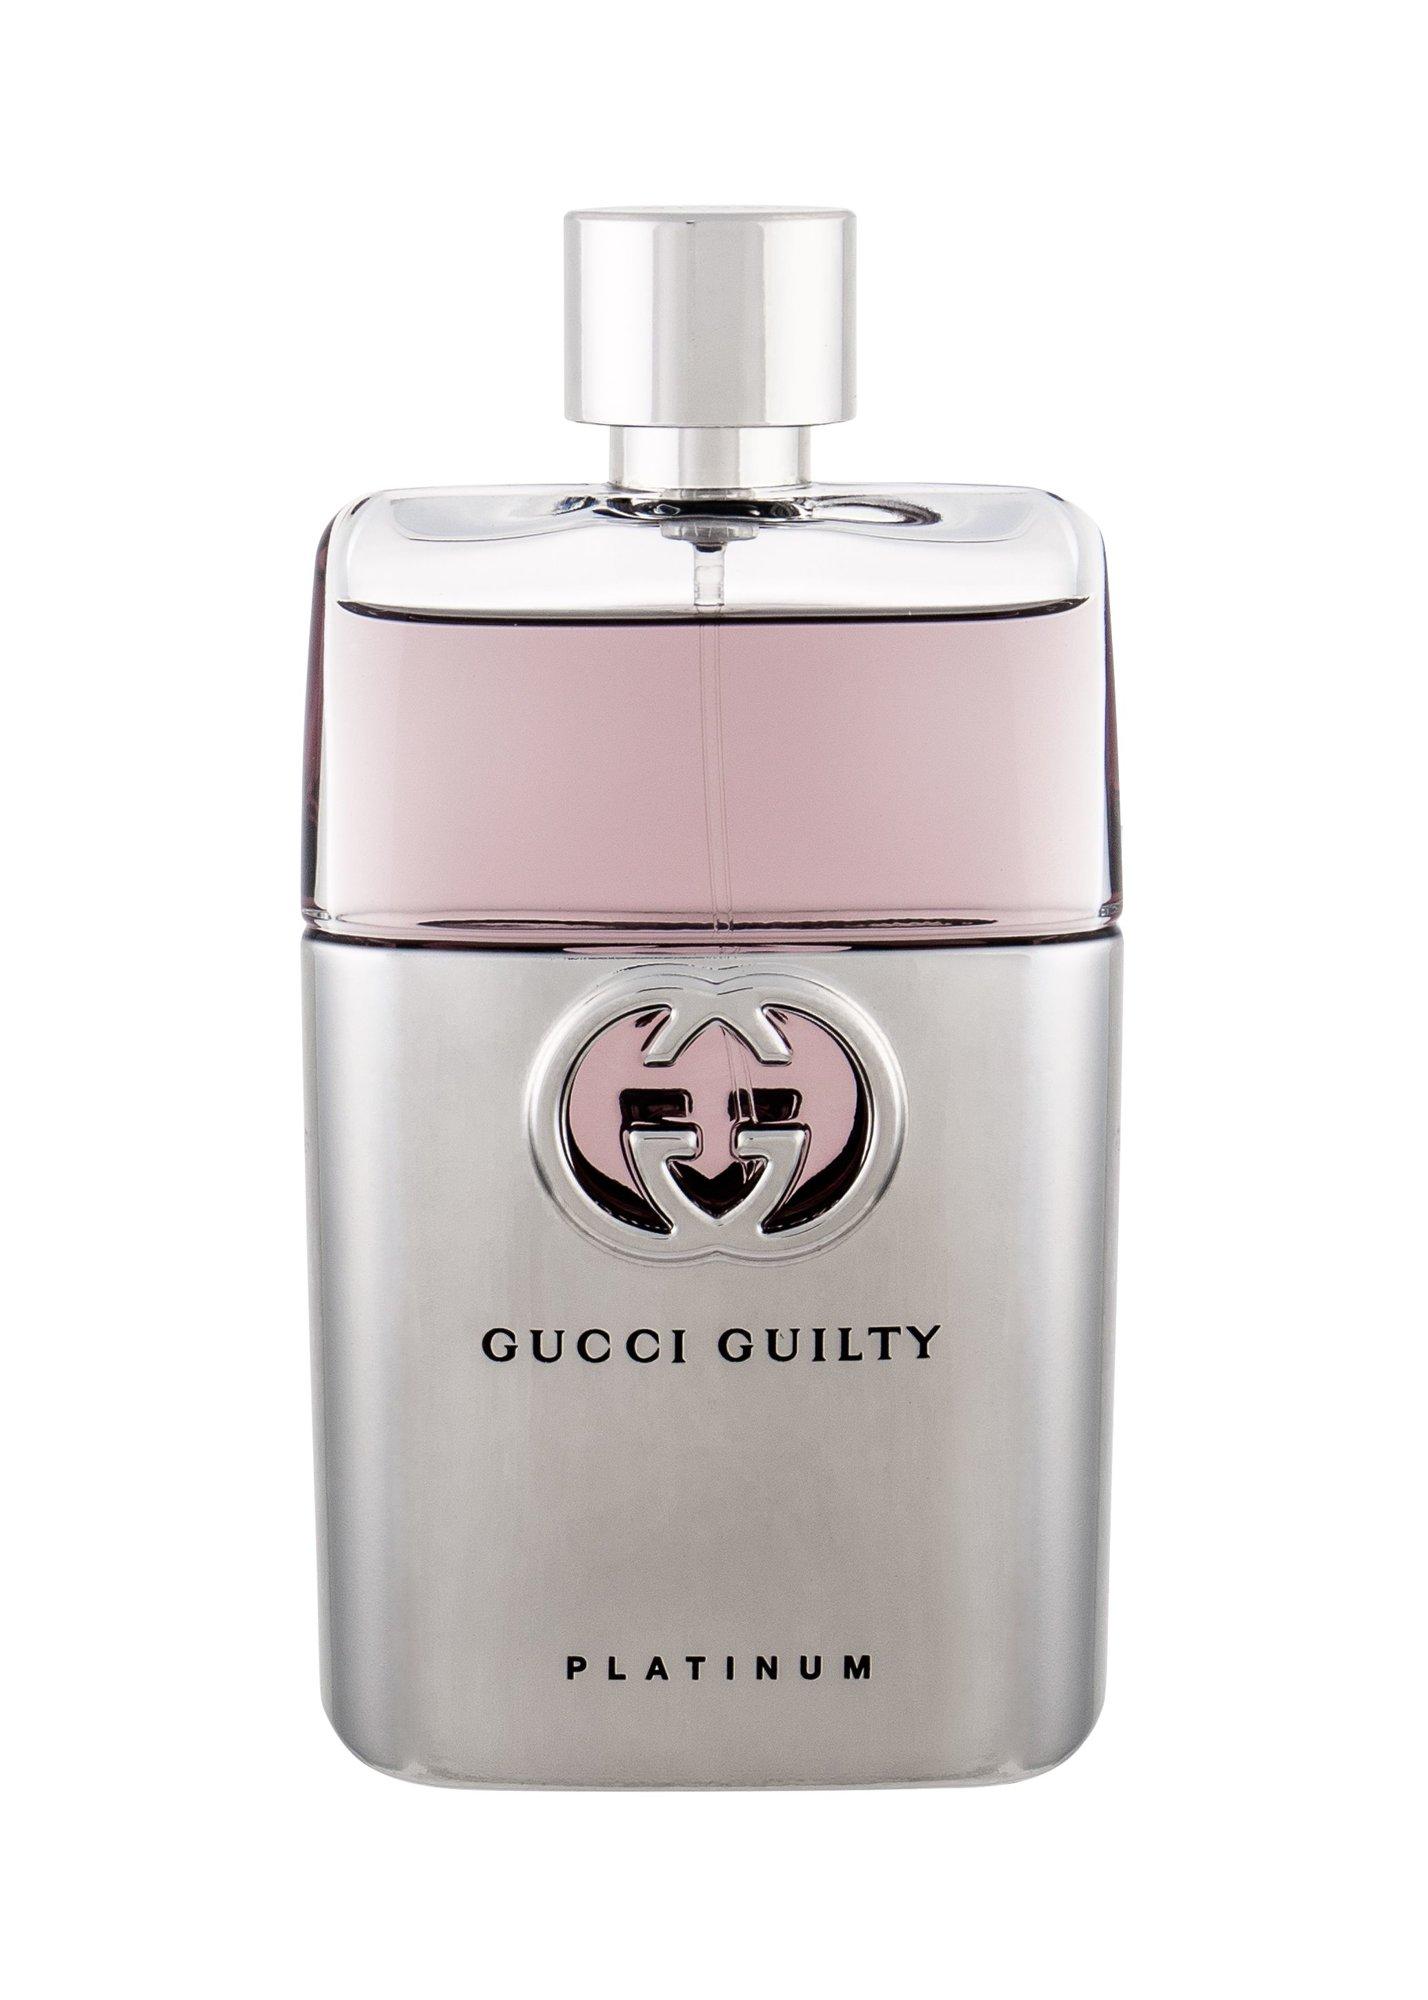 Gucci Guilty Pour Homme Platinum Eau de Toilette 90ml